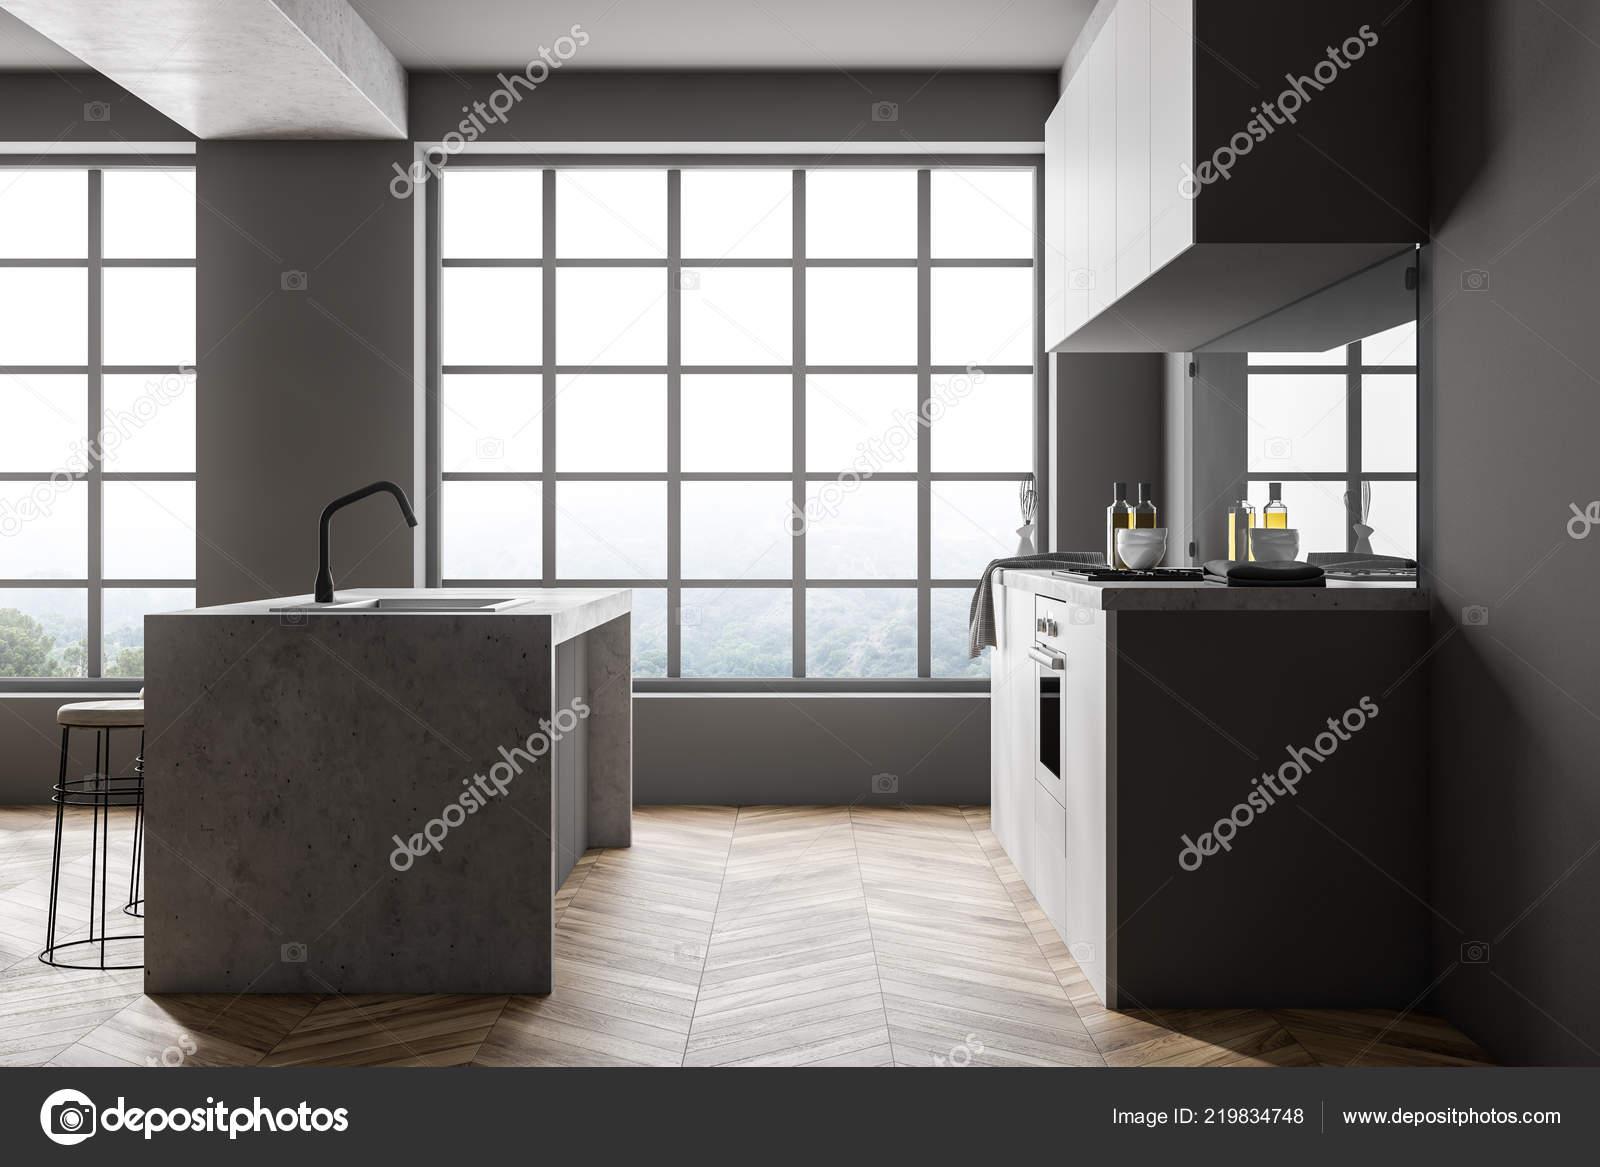 Moderne Keuken Grijs : Interieur van moderne keuken met witte grijze houten vloer witte